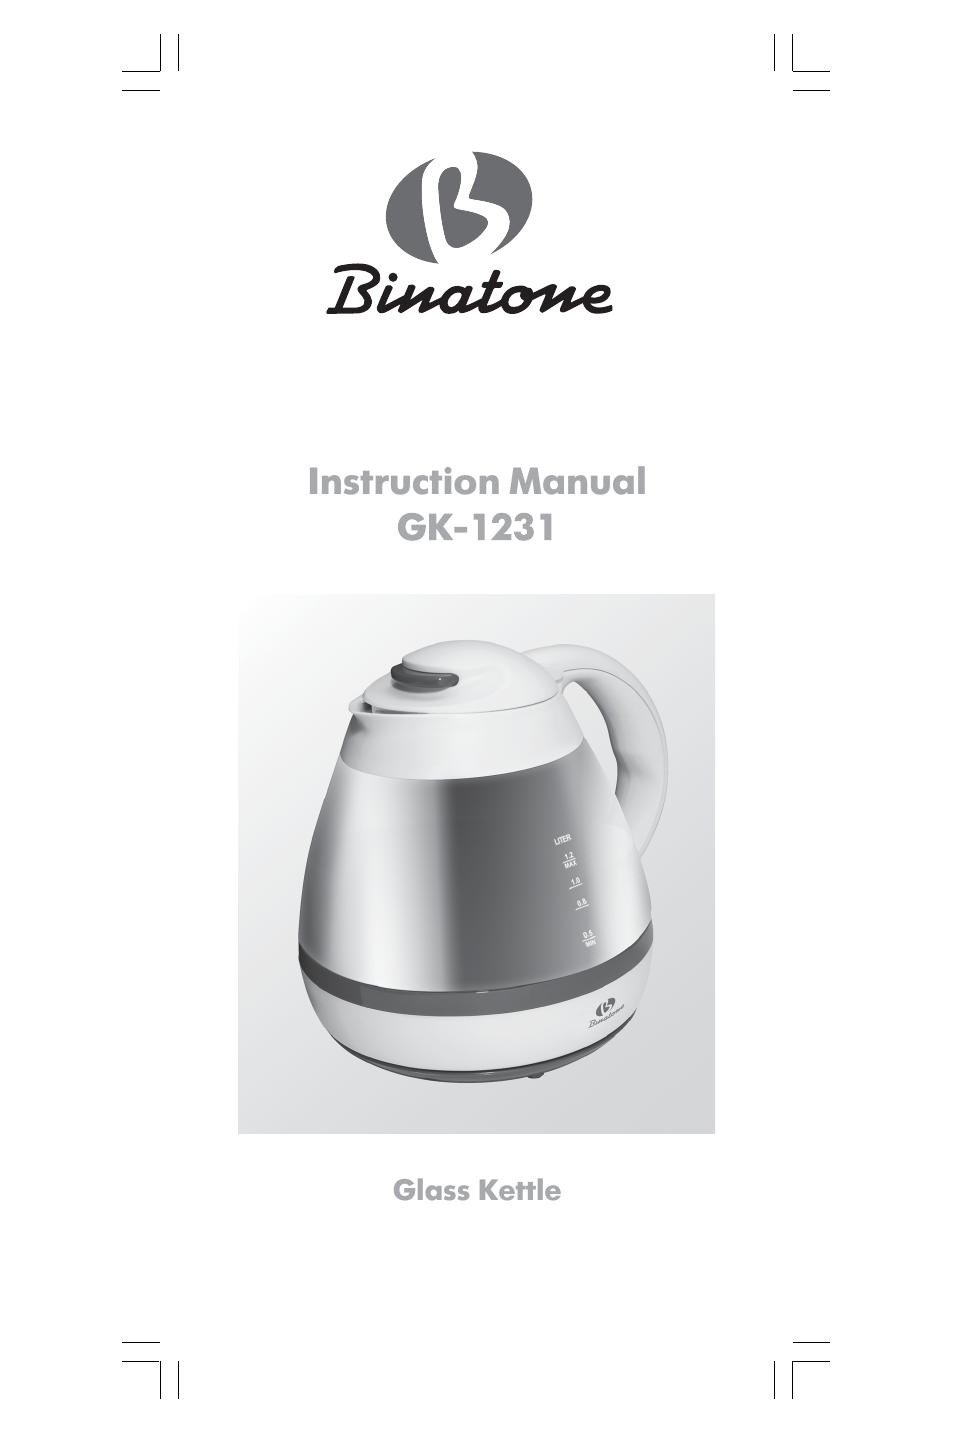 инструкция к применению тостера binatone